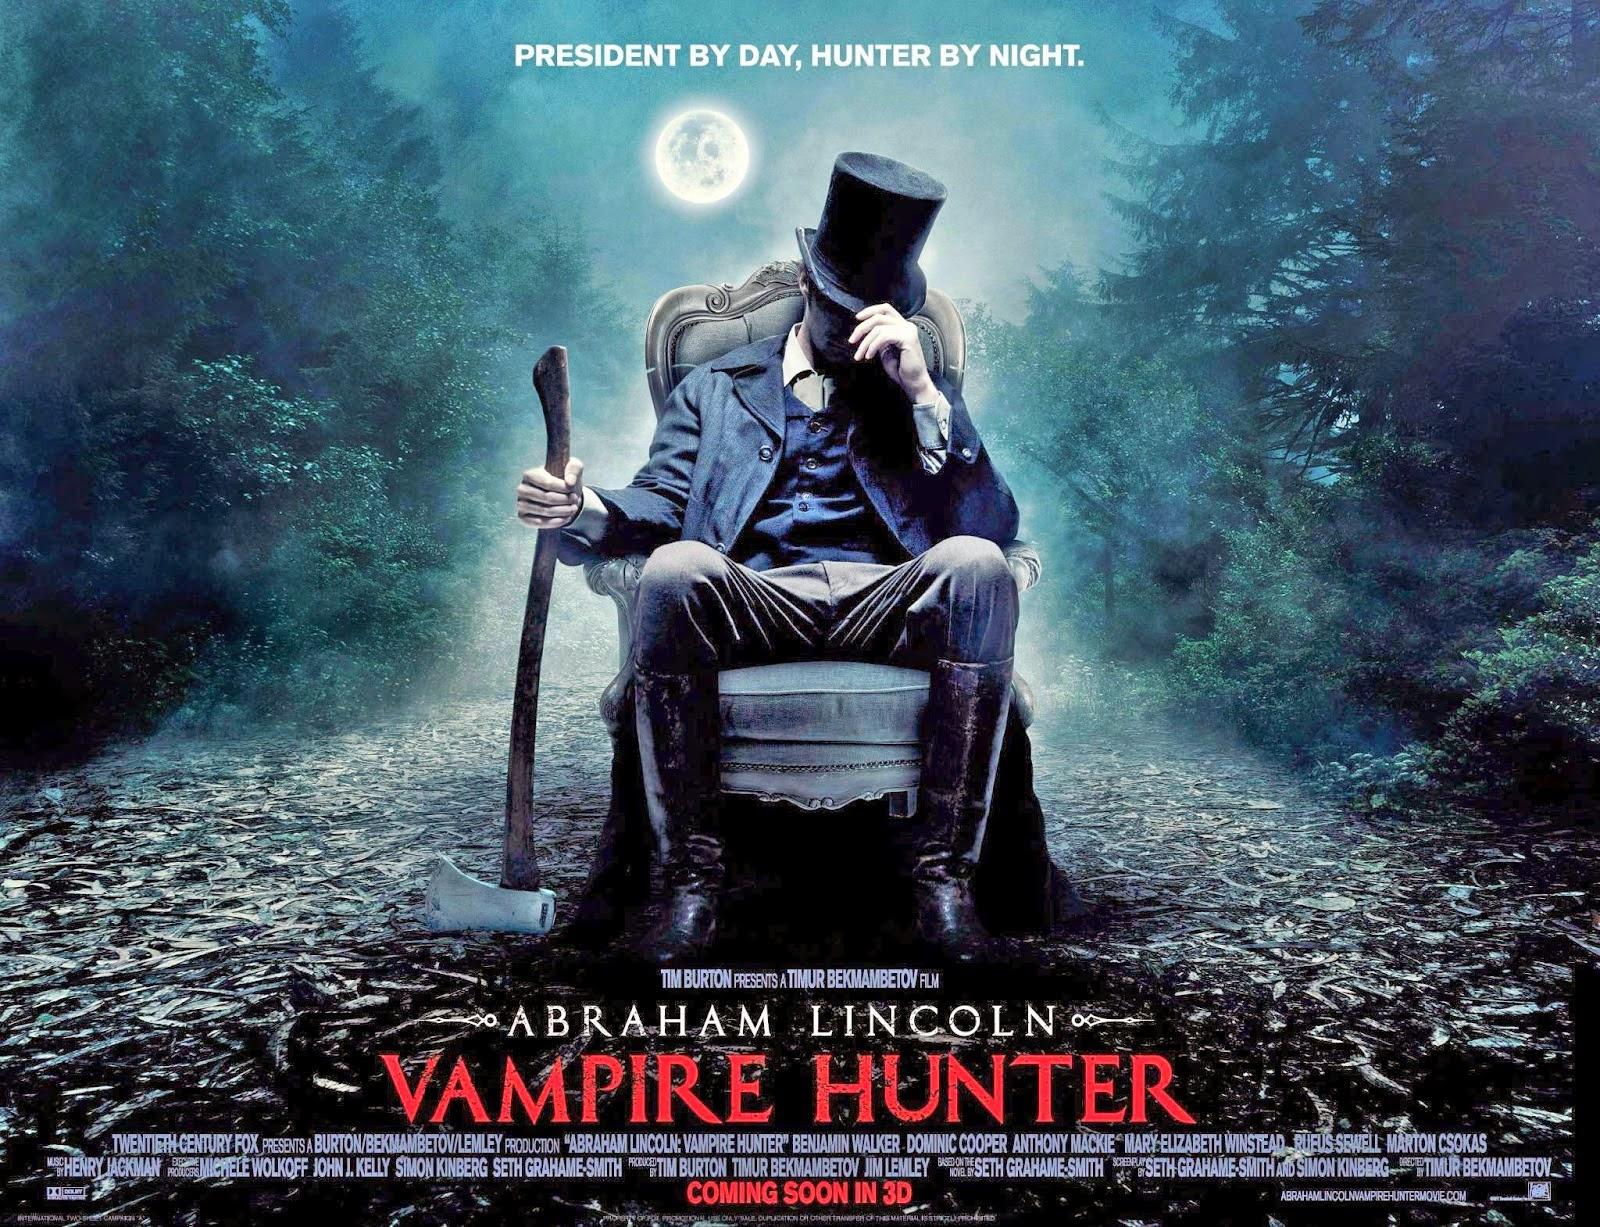 reis hd movie download